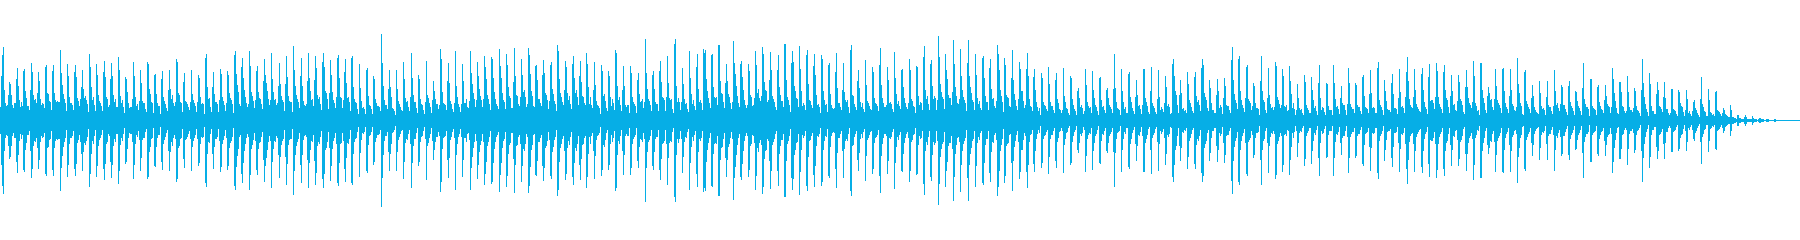 ドラムとタンブリン、ネイティブリズ...の再生済みの波形